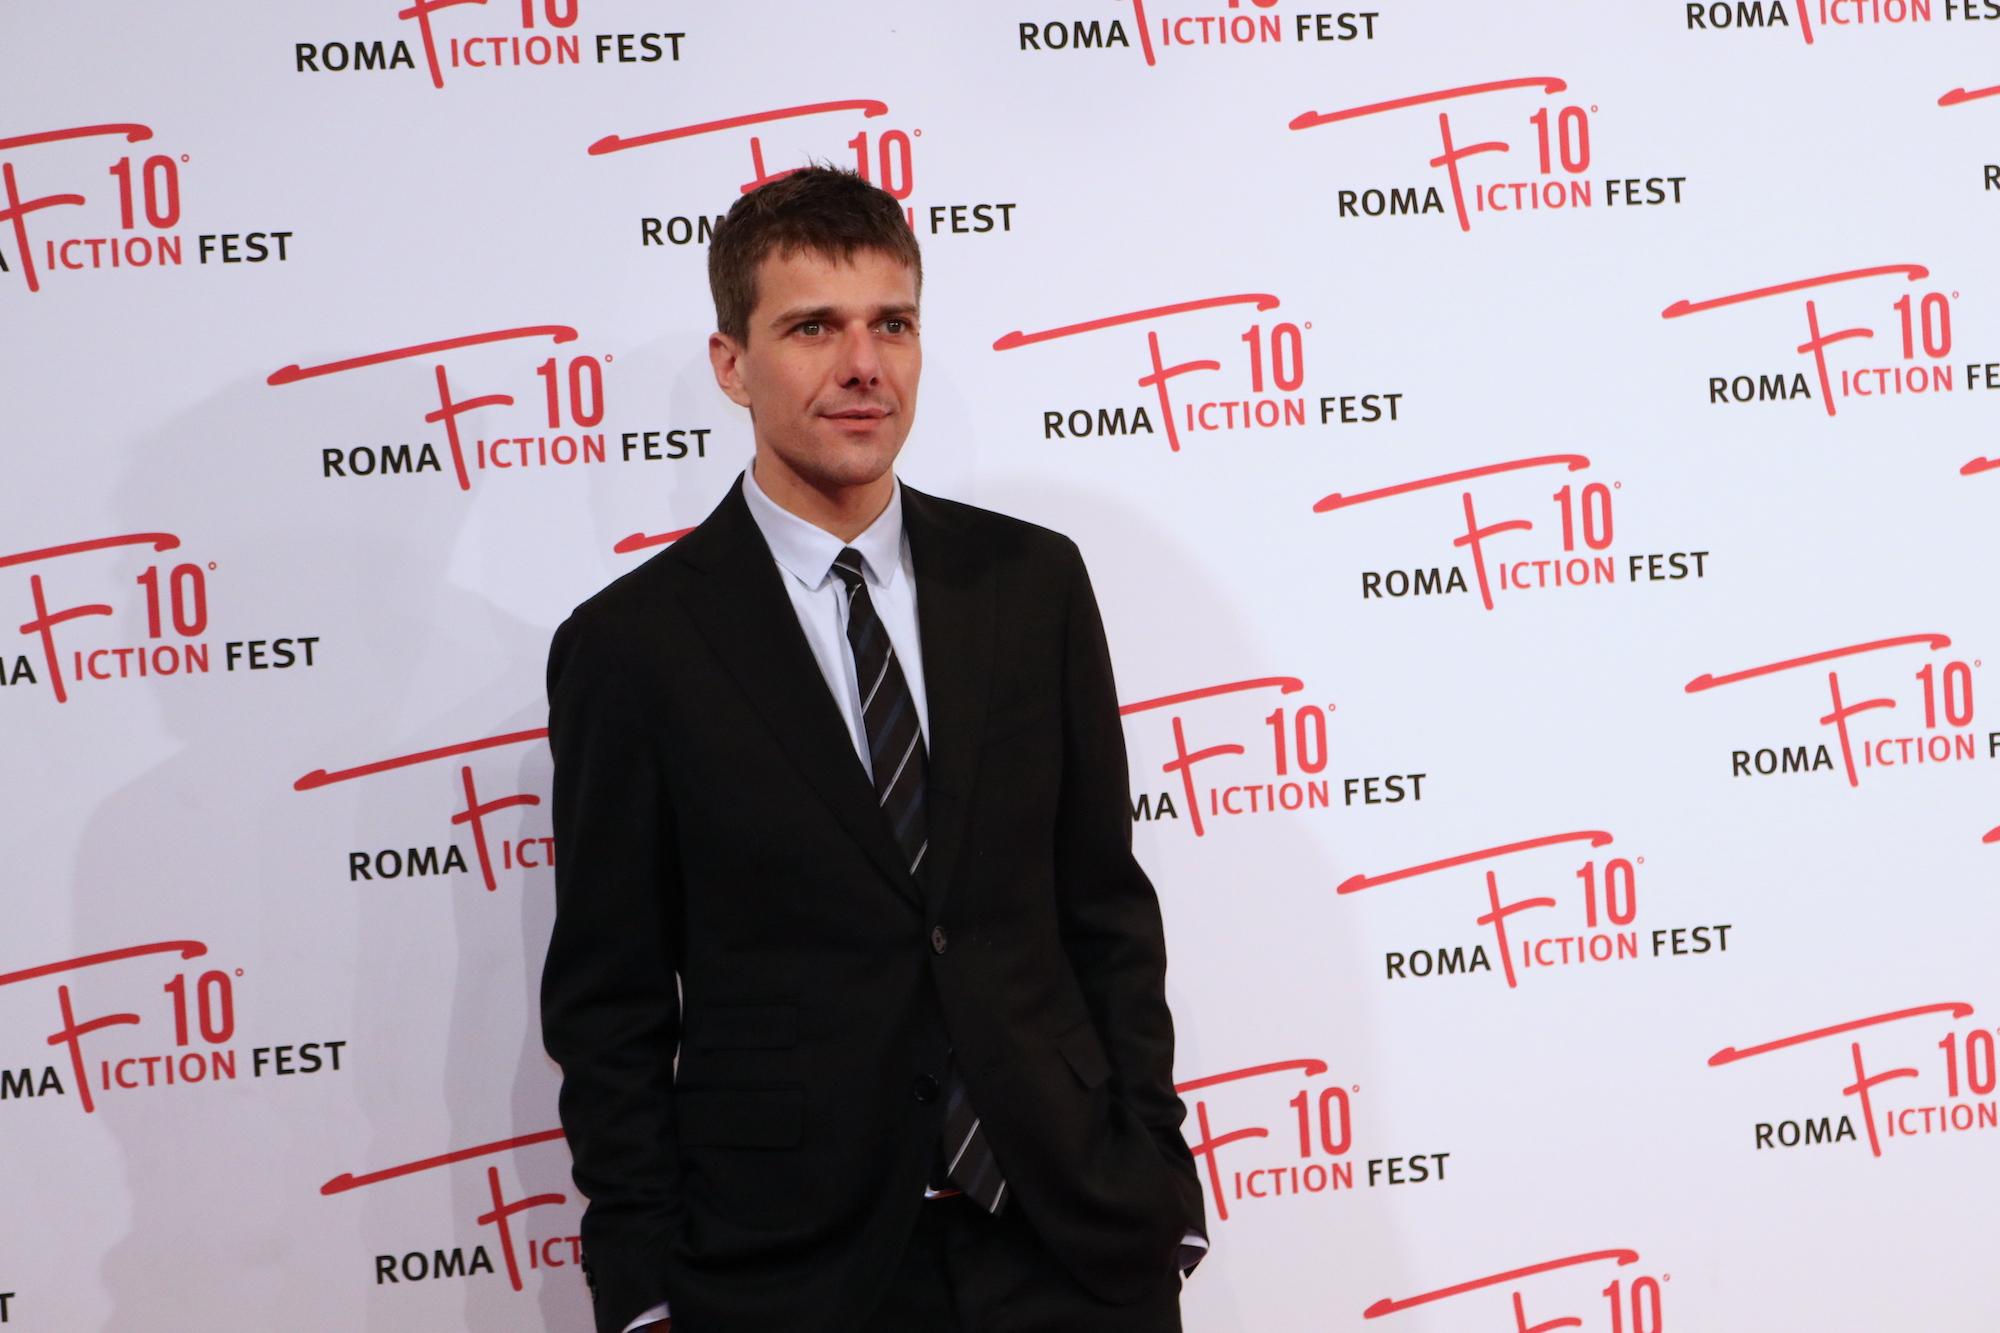 Roma Fiction Fest 2016: Domenico Diele sul red carpet di Di padre in figlia